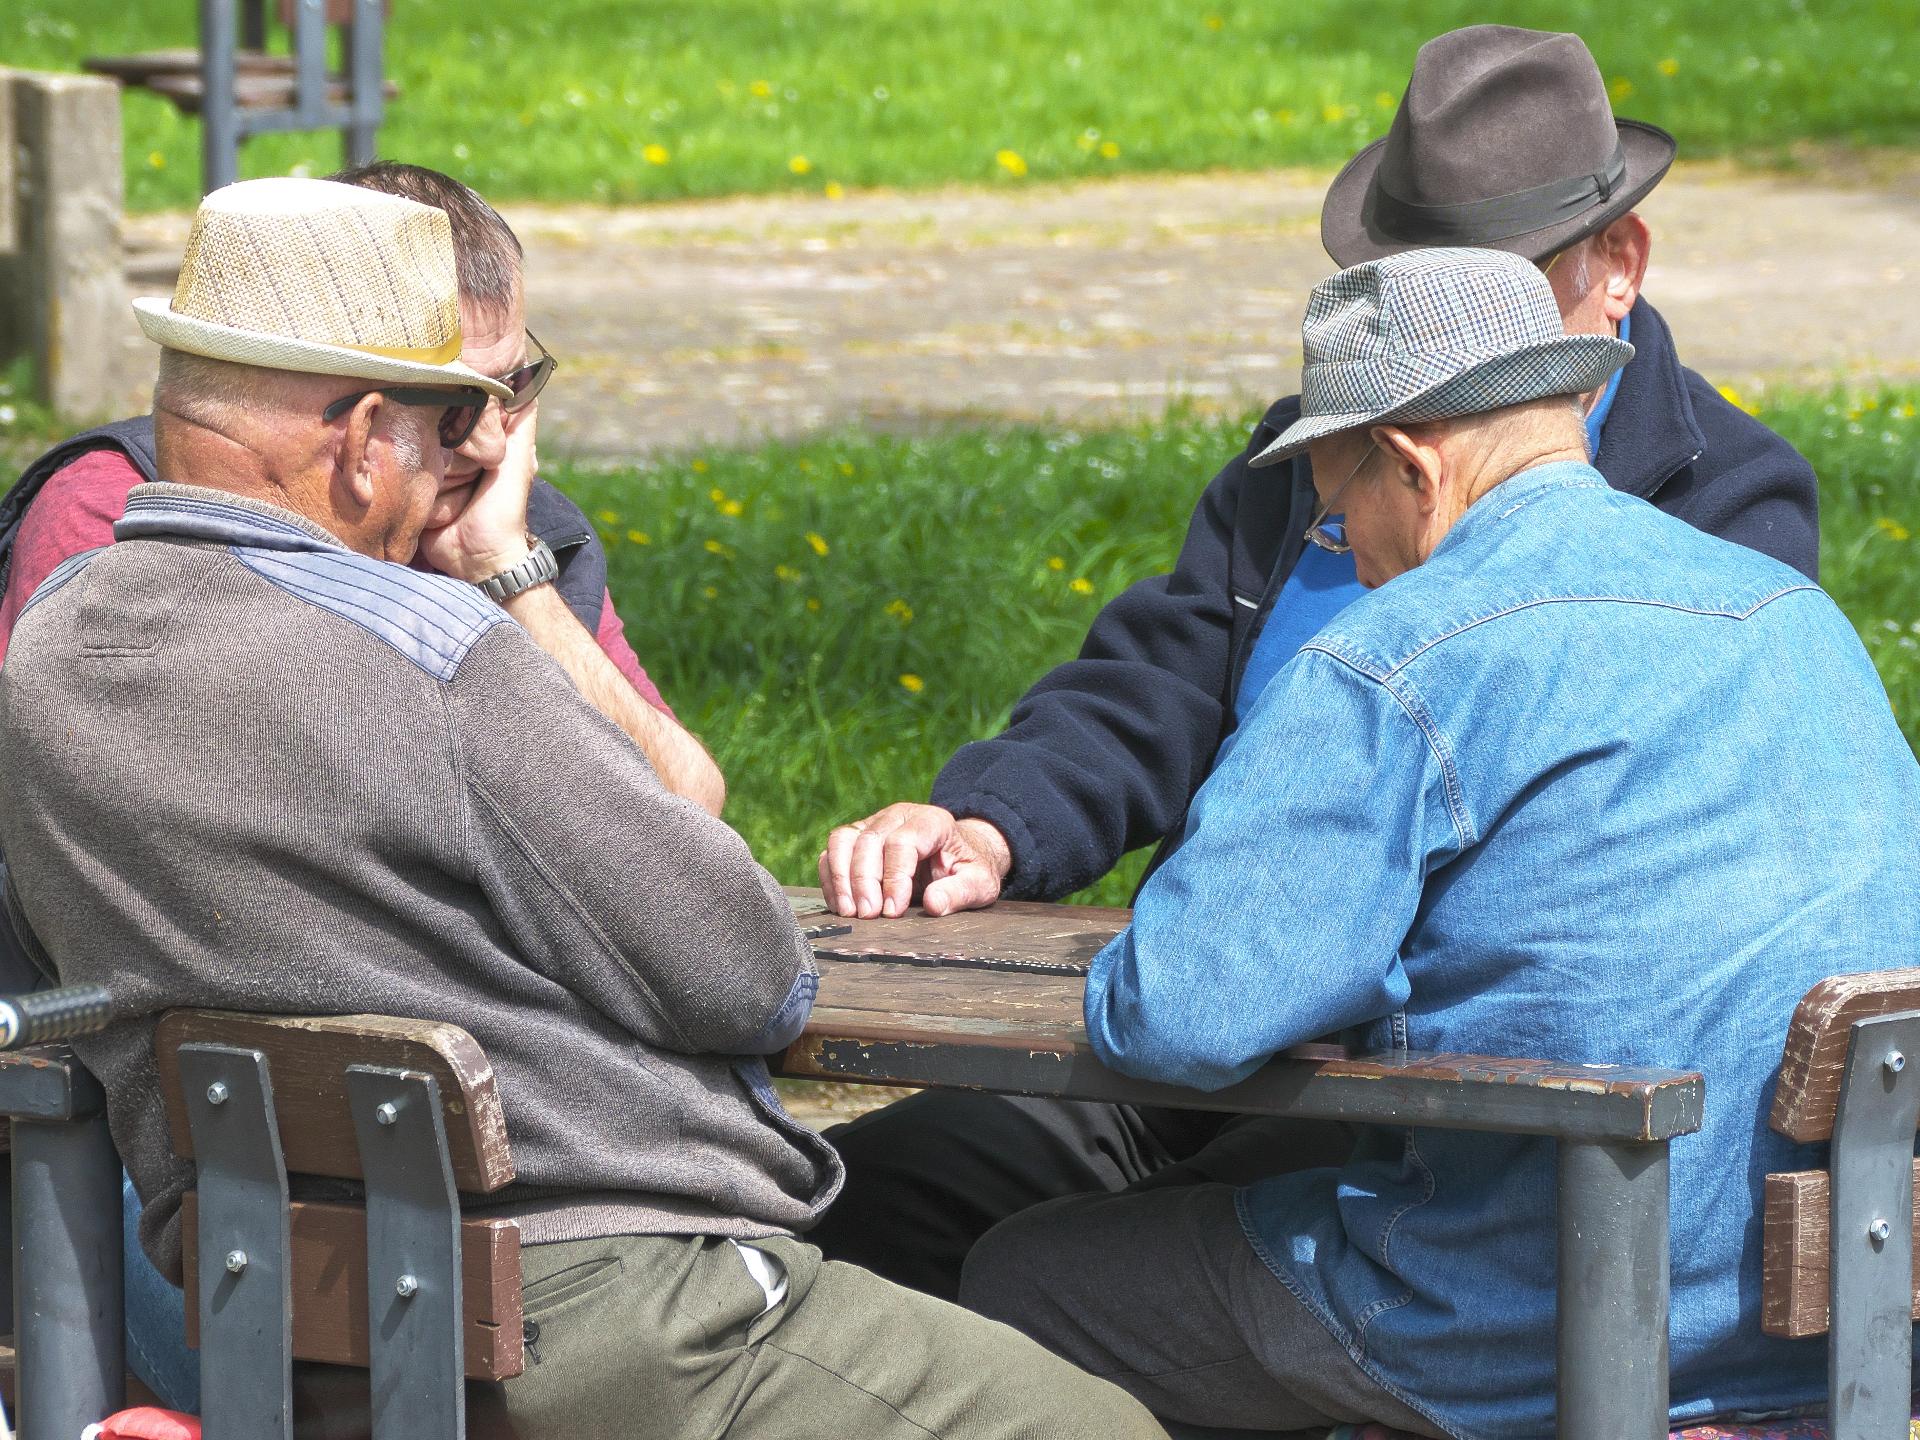 Speziell im Alter ist es hilfreich, sich mit anderen zusammen zu tun - egal ob Gleichaltrige oder nicht - um den Anschluss nicht zu verlieren. - Photocredit: pixabay.com/anaterate